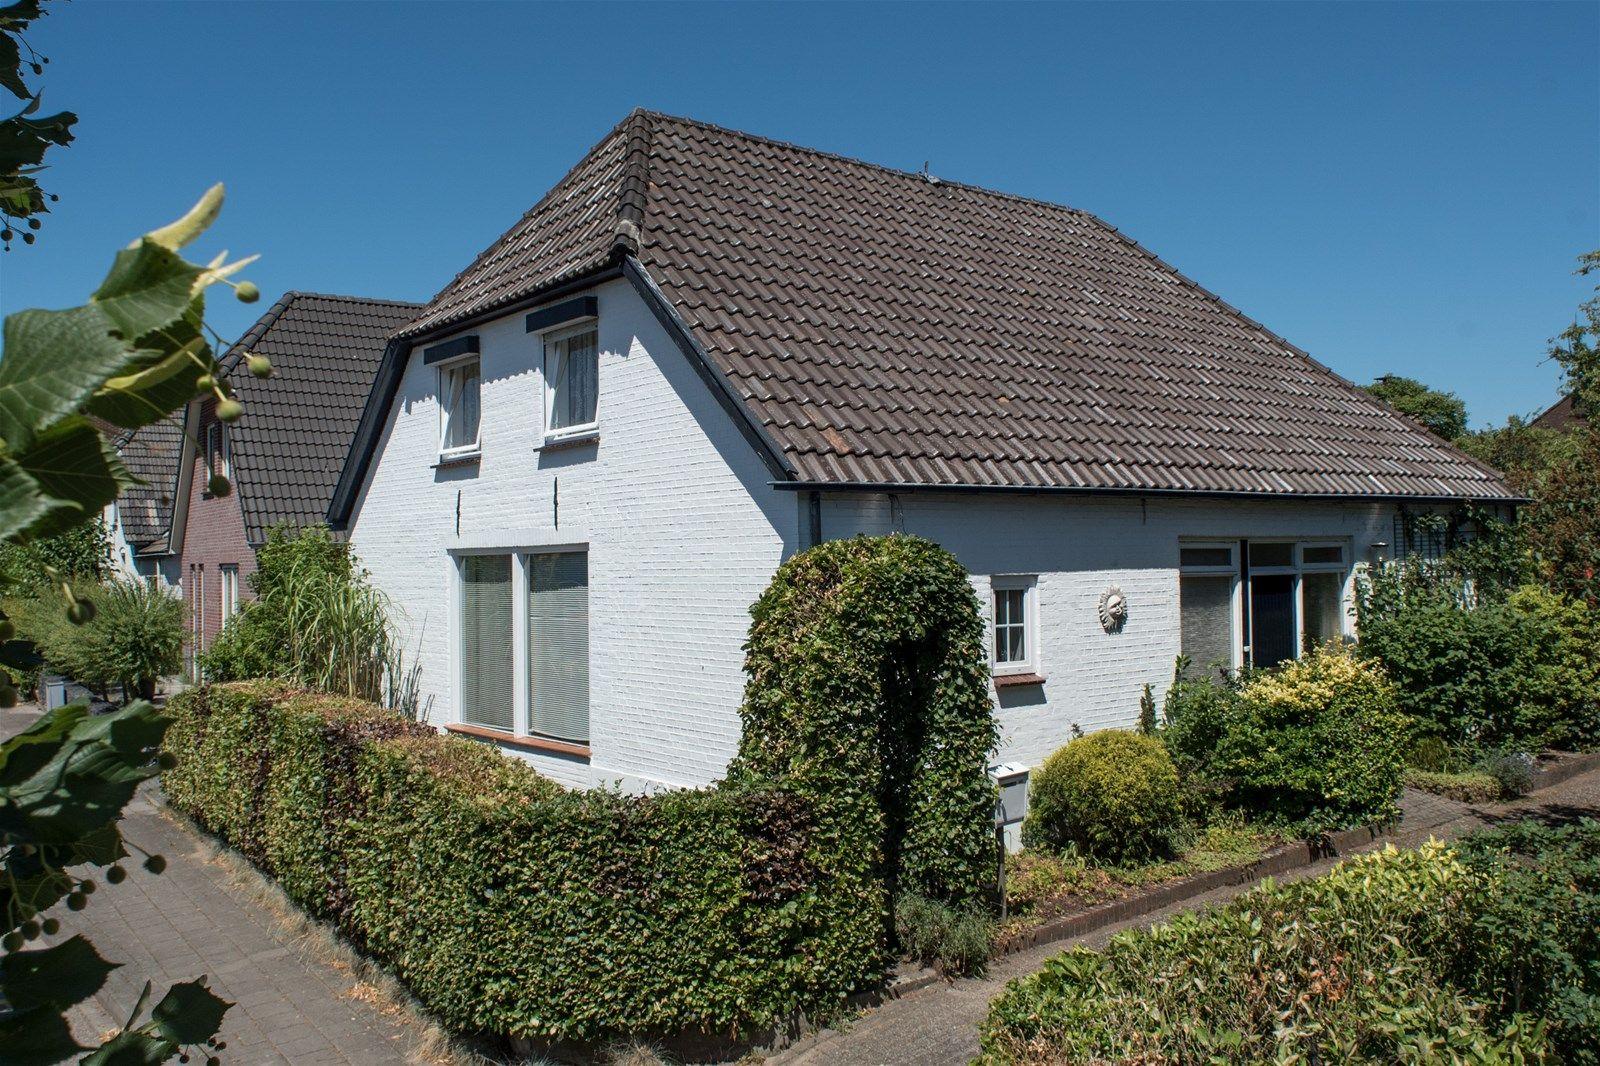 Ulftseweg 43, Silvolde